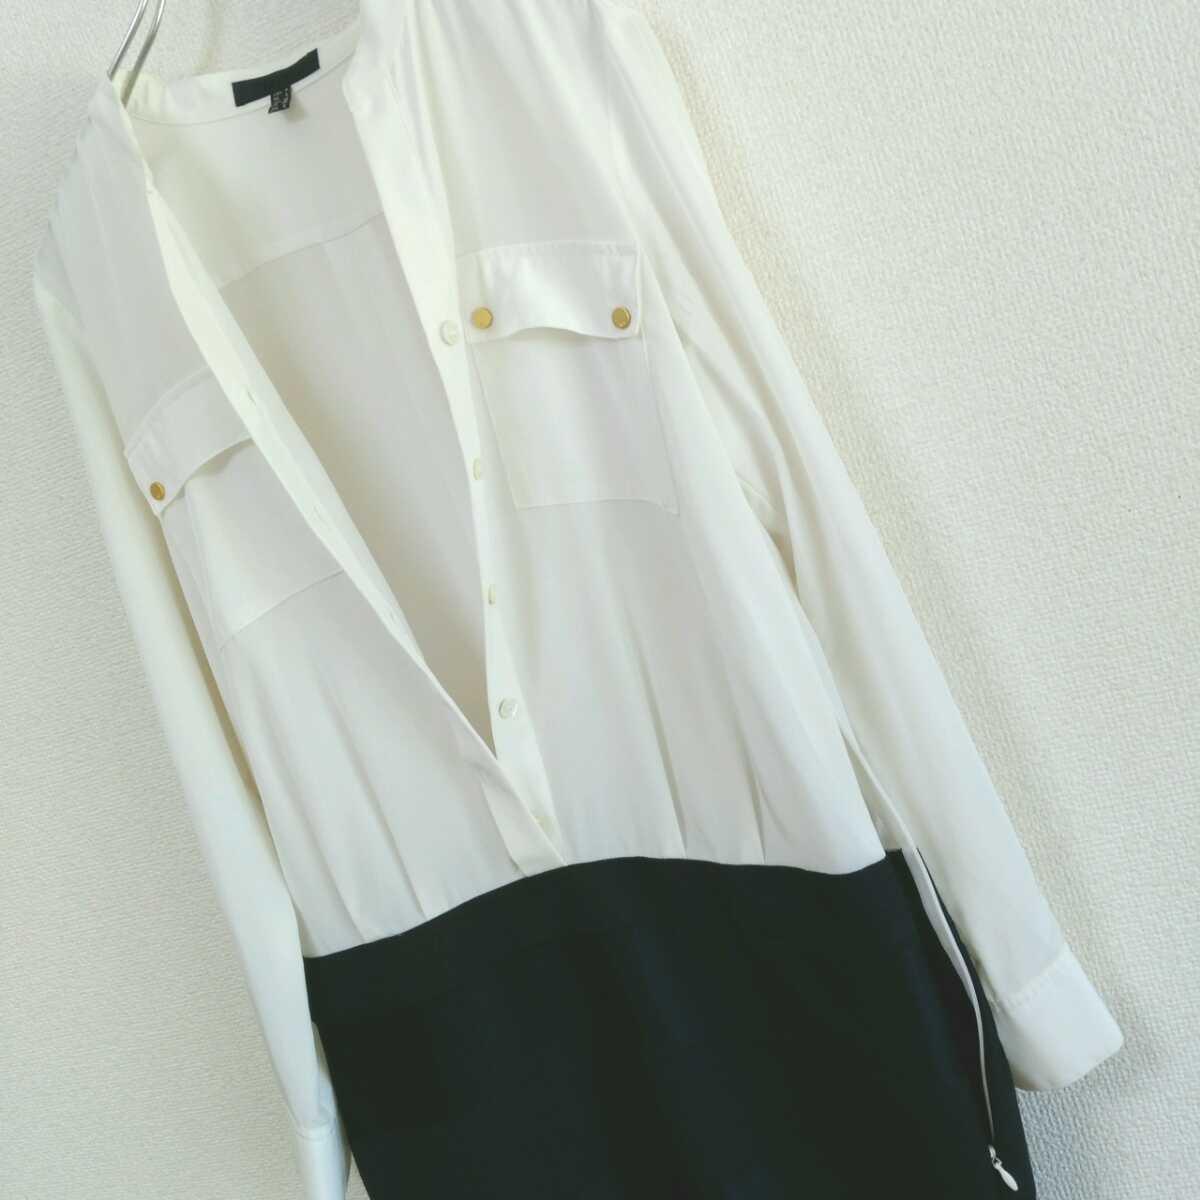 アイシービー iCB 日本製 レディース 9 白 ホワイト 紺 ネイビー 膝丈 ワンピース スカート 大人女子 カジュアル 古着女子 フルジョ●D19